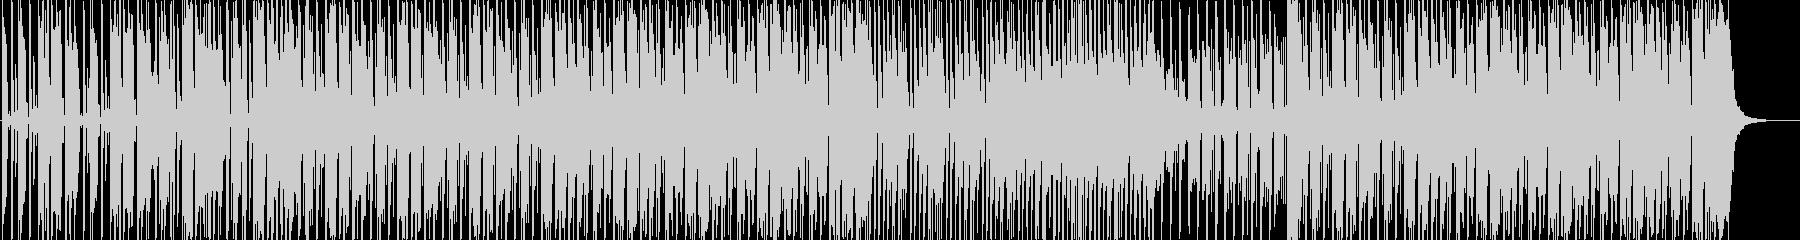 イージーリスニング 技術的な 静か...の未再生の波形